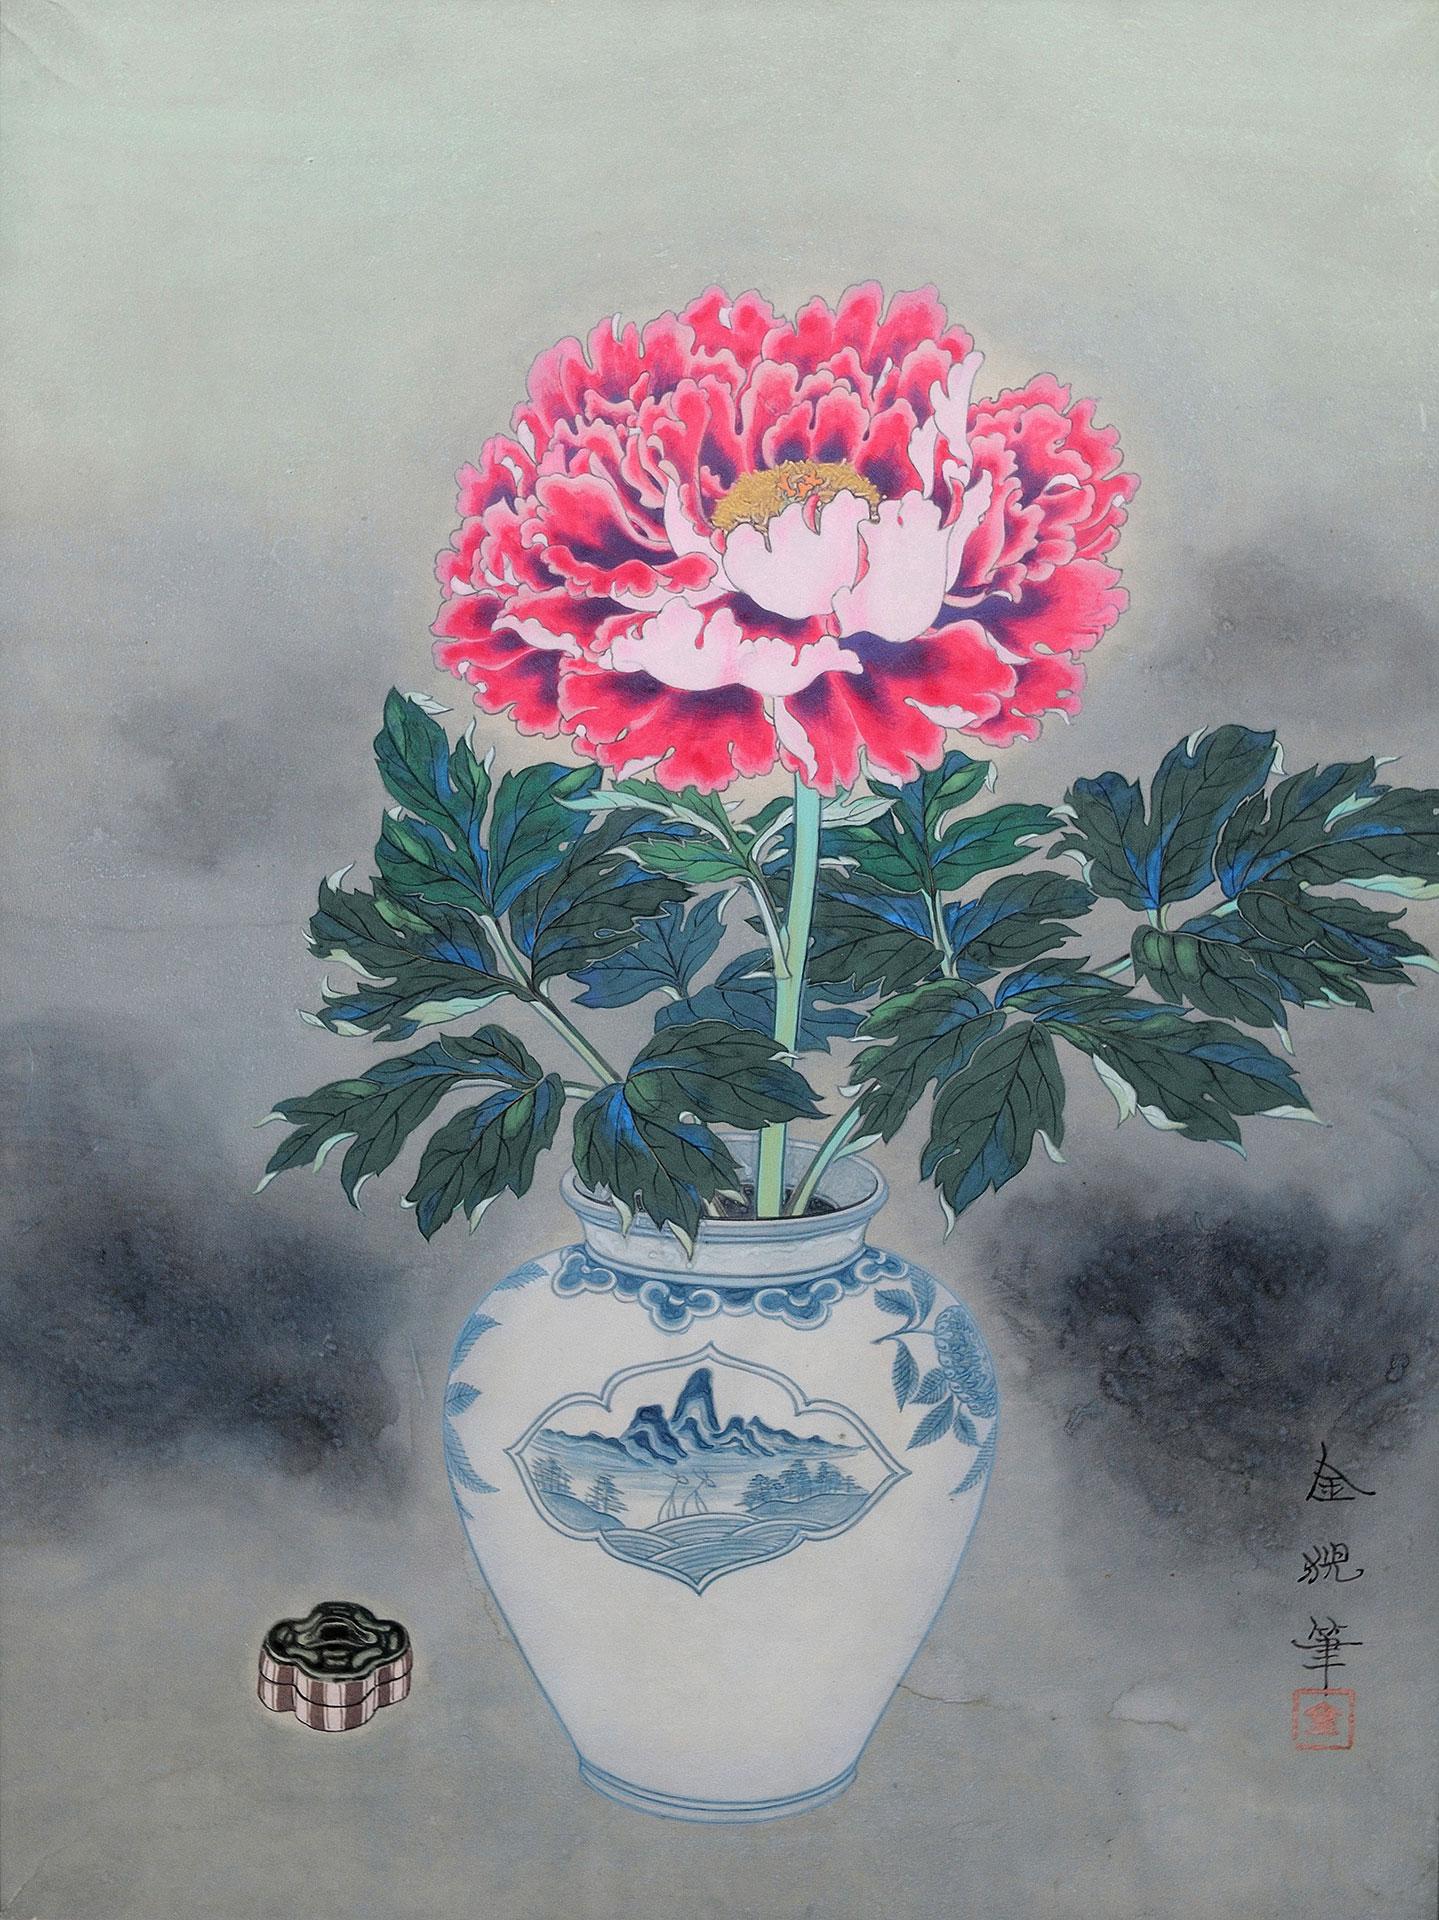 牡丹花図 - Peony